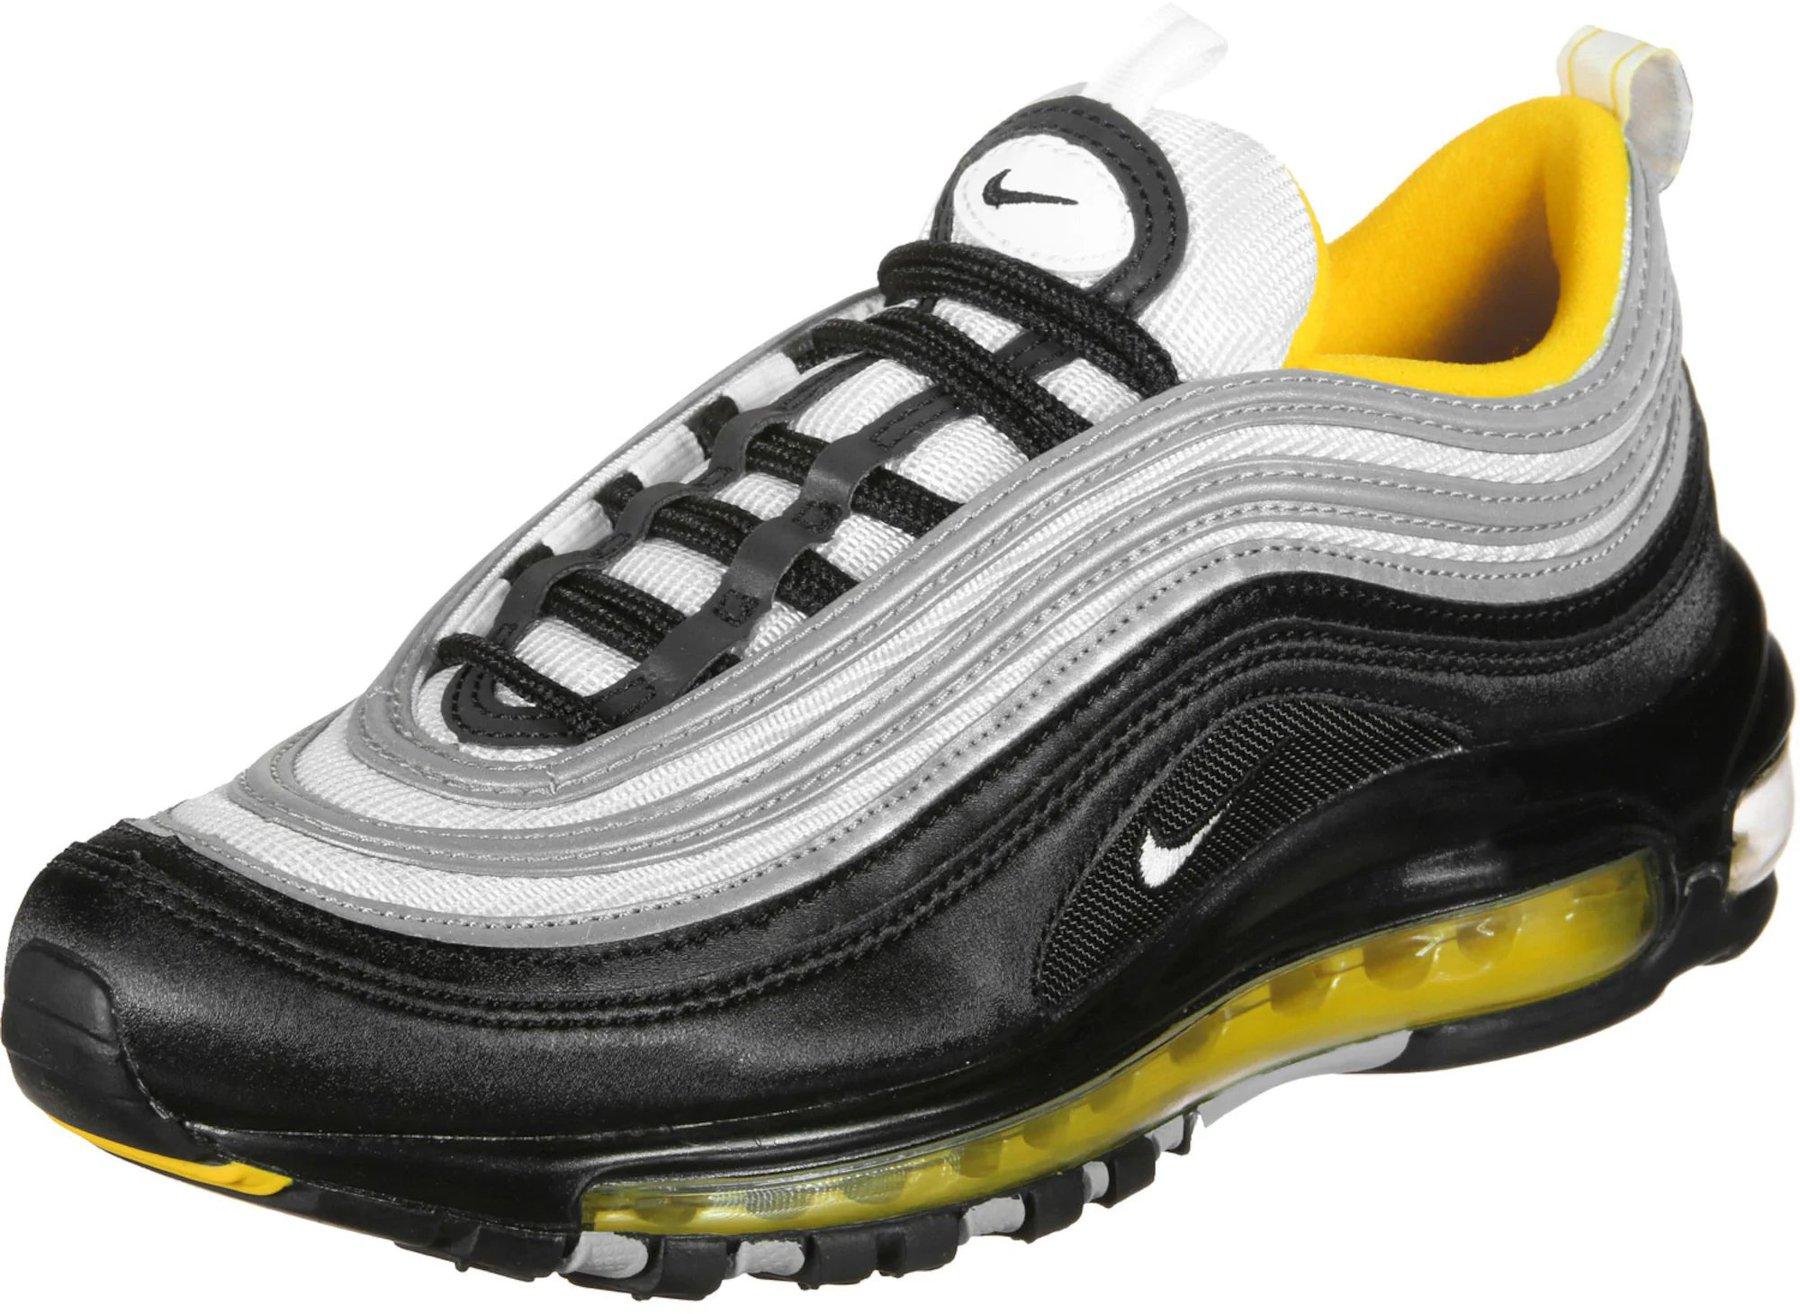 sports shoes a530e 49a88 Nike Air Max 97 Herren ab 125,95 € günstig im Preisvergleich kaufen